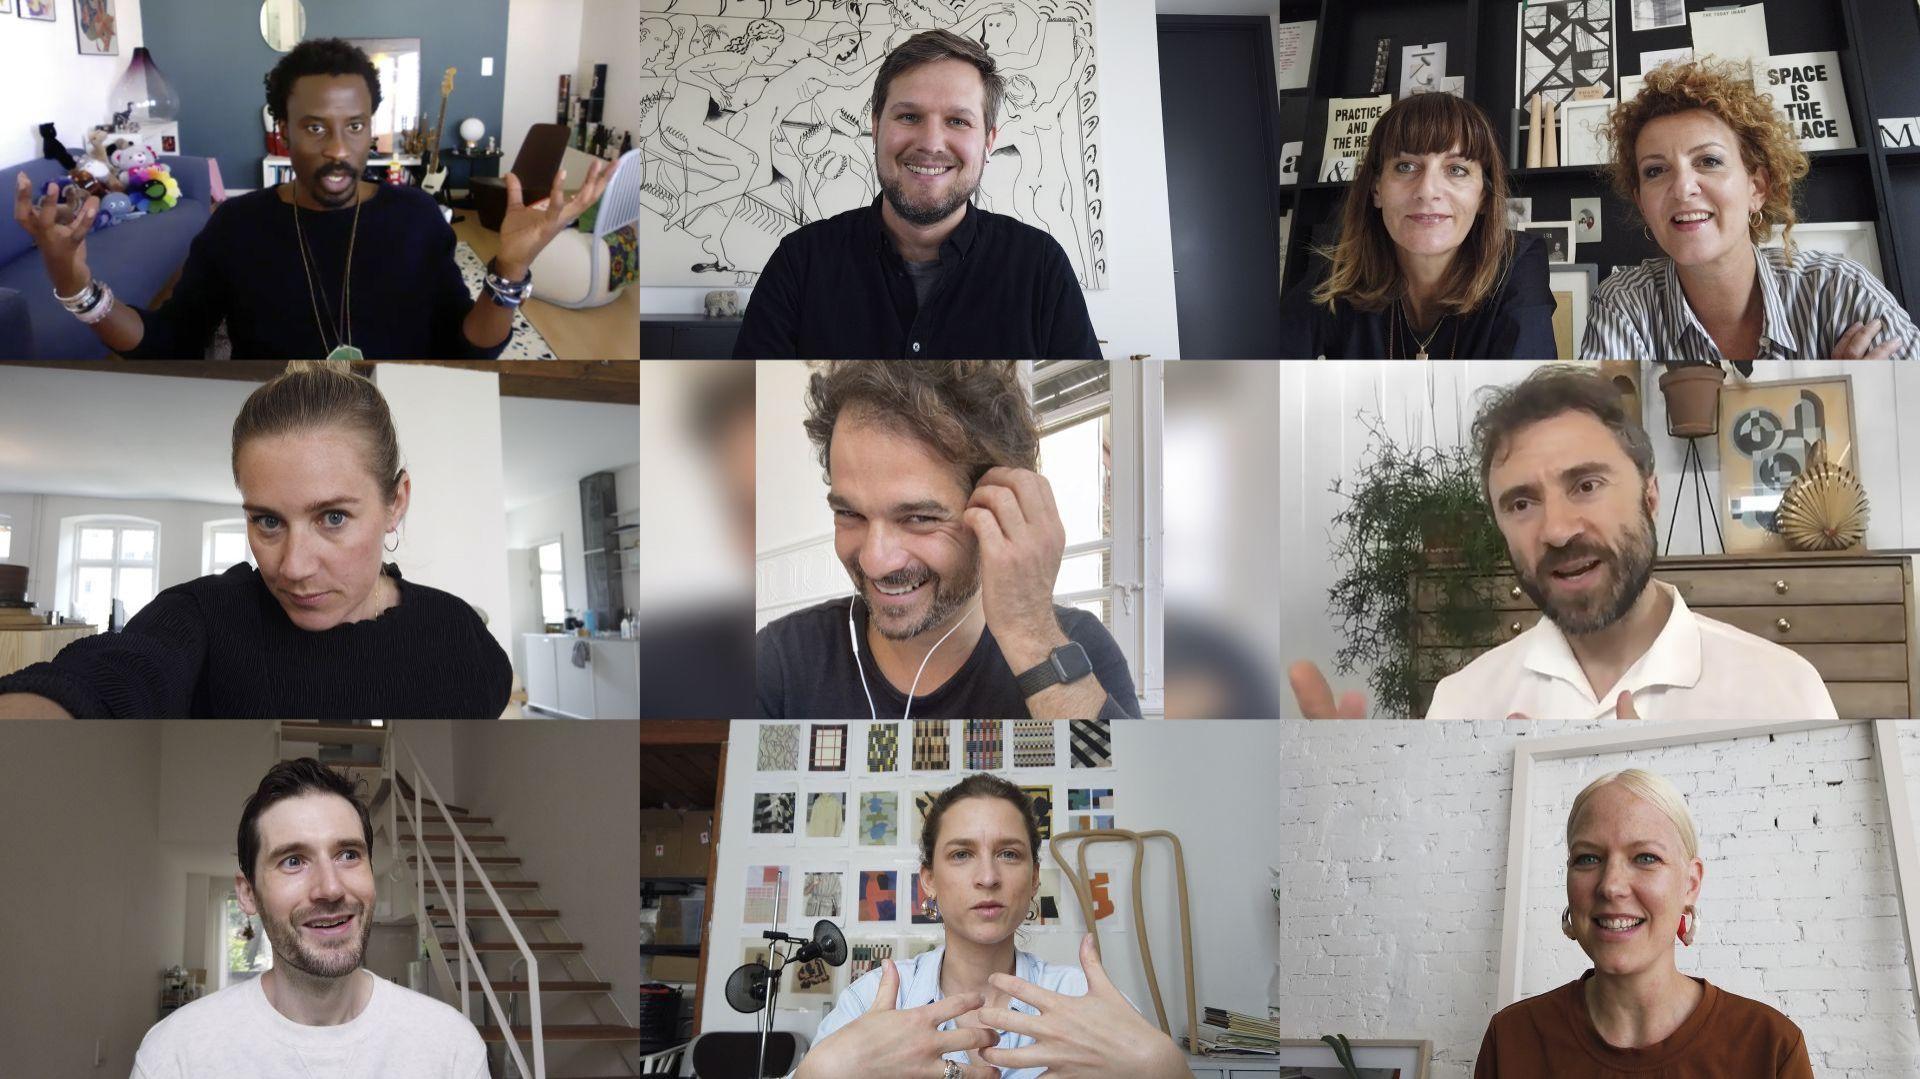 """9 projektantów, 3 gatunki drewna, 1 warsztat – """"Connected"""" łączy projektantów odizolowanych w czasie pandemii; wśród 9 projektantów jest Polka, Maria Jeglińska. Gratulacje!"""